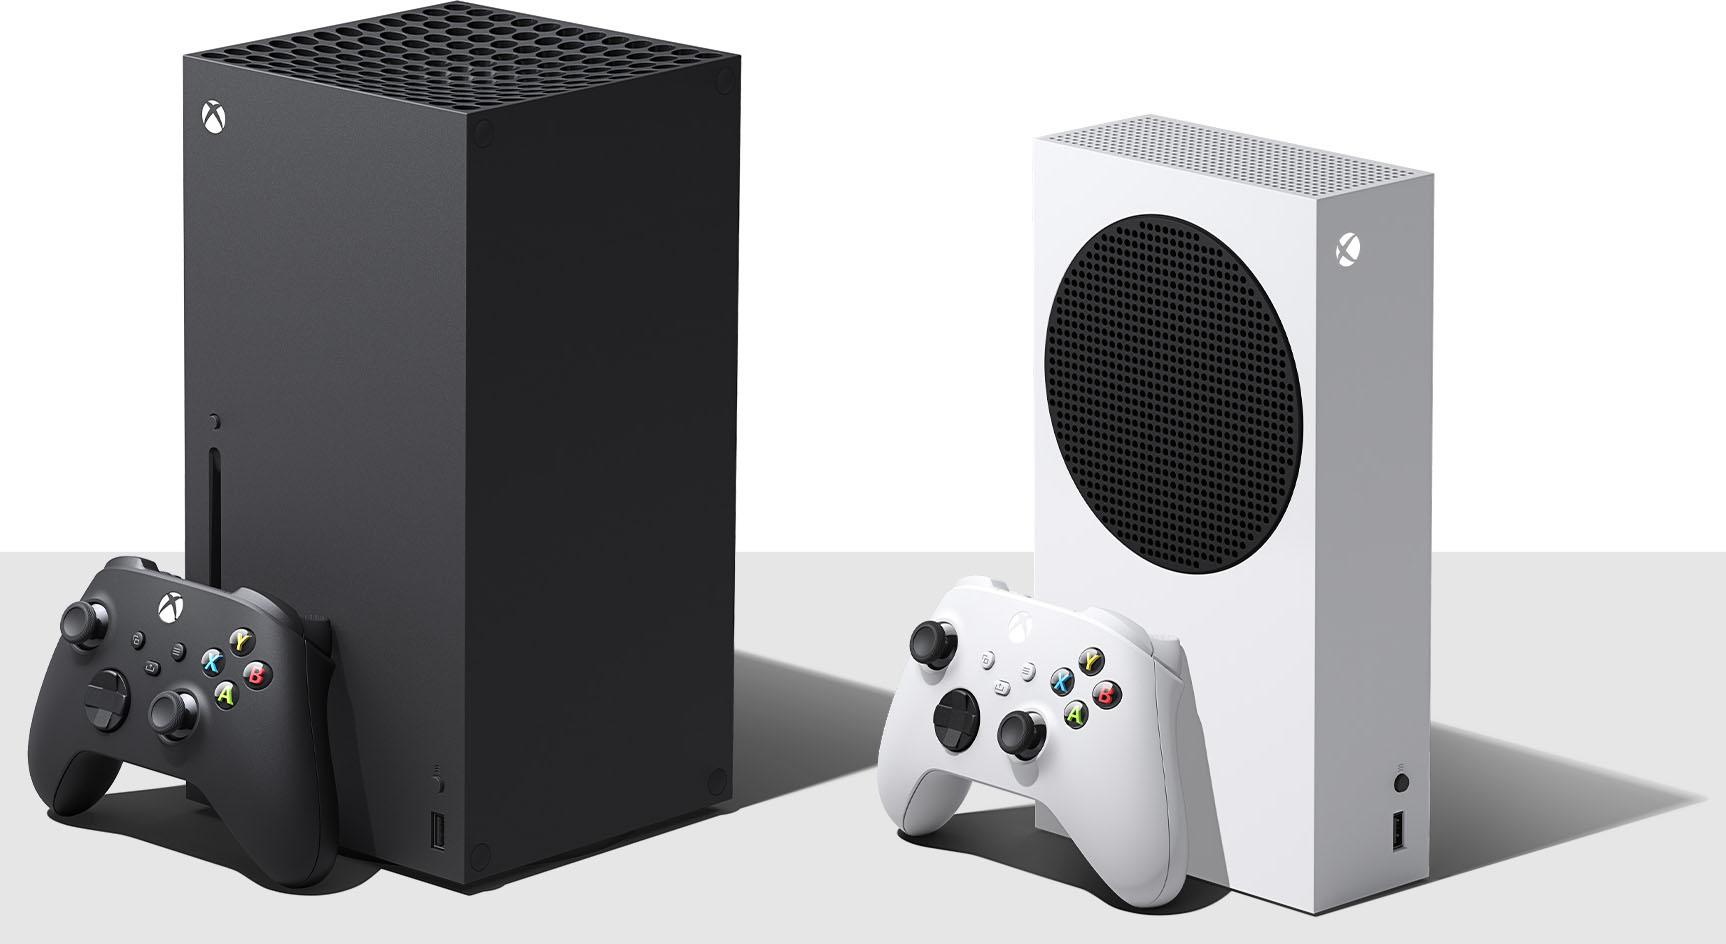 xbox - 【衝撃】Xbox公式Twitterが「ゲームハード戦争やめよう!愛し合おうよ」と発言 / PS5と任天堂の反応は